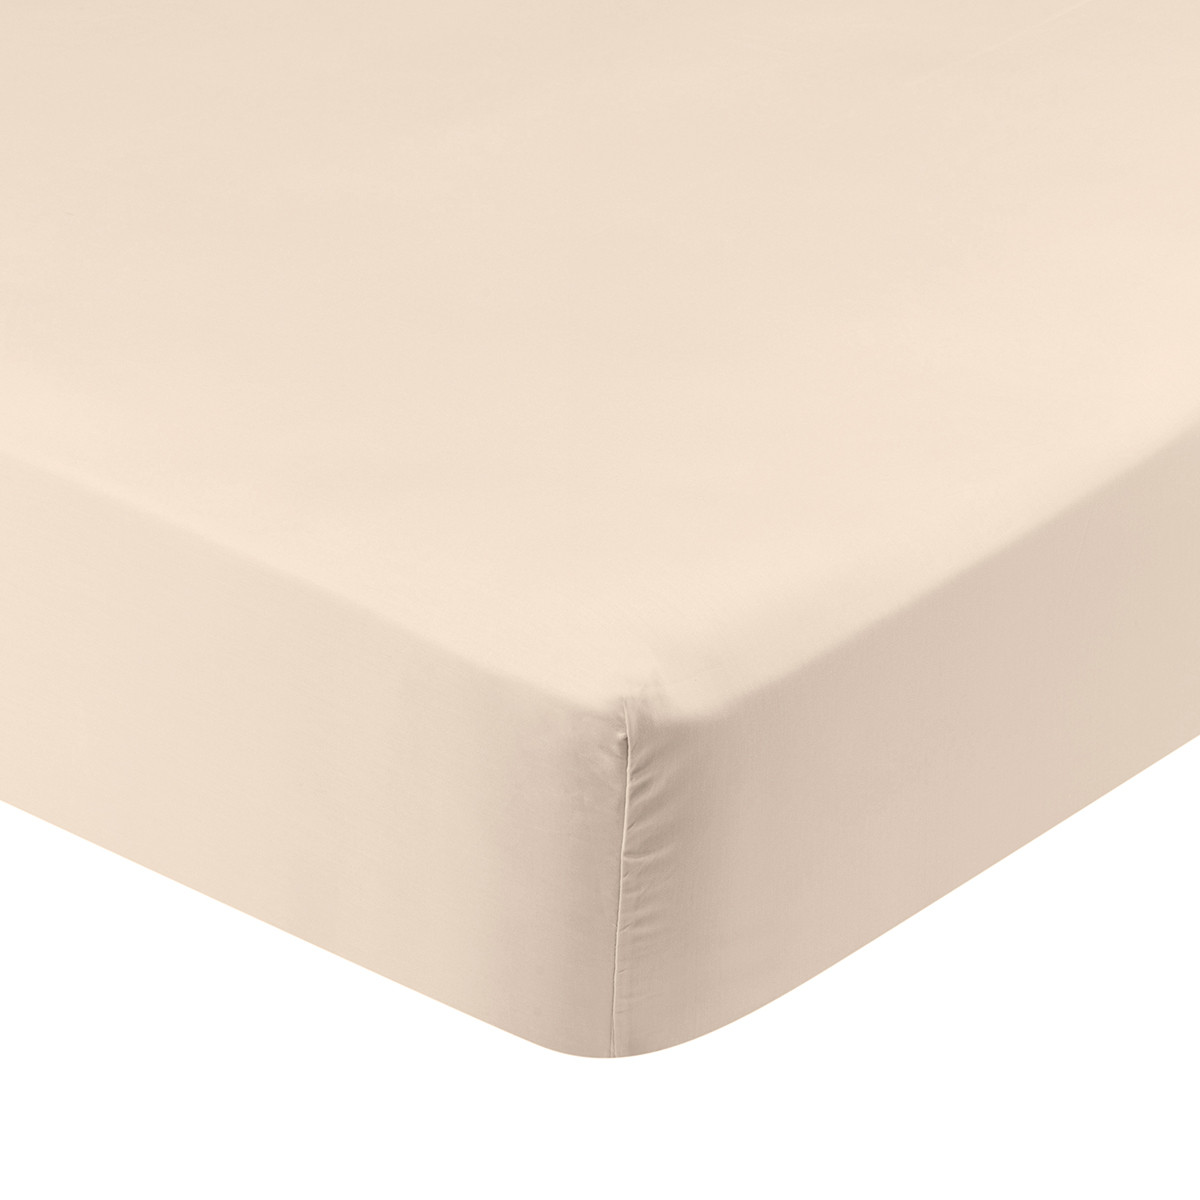 Drap housse coton 140x190 cm poudre